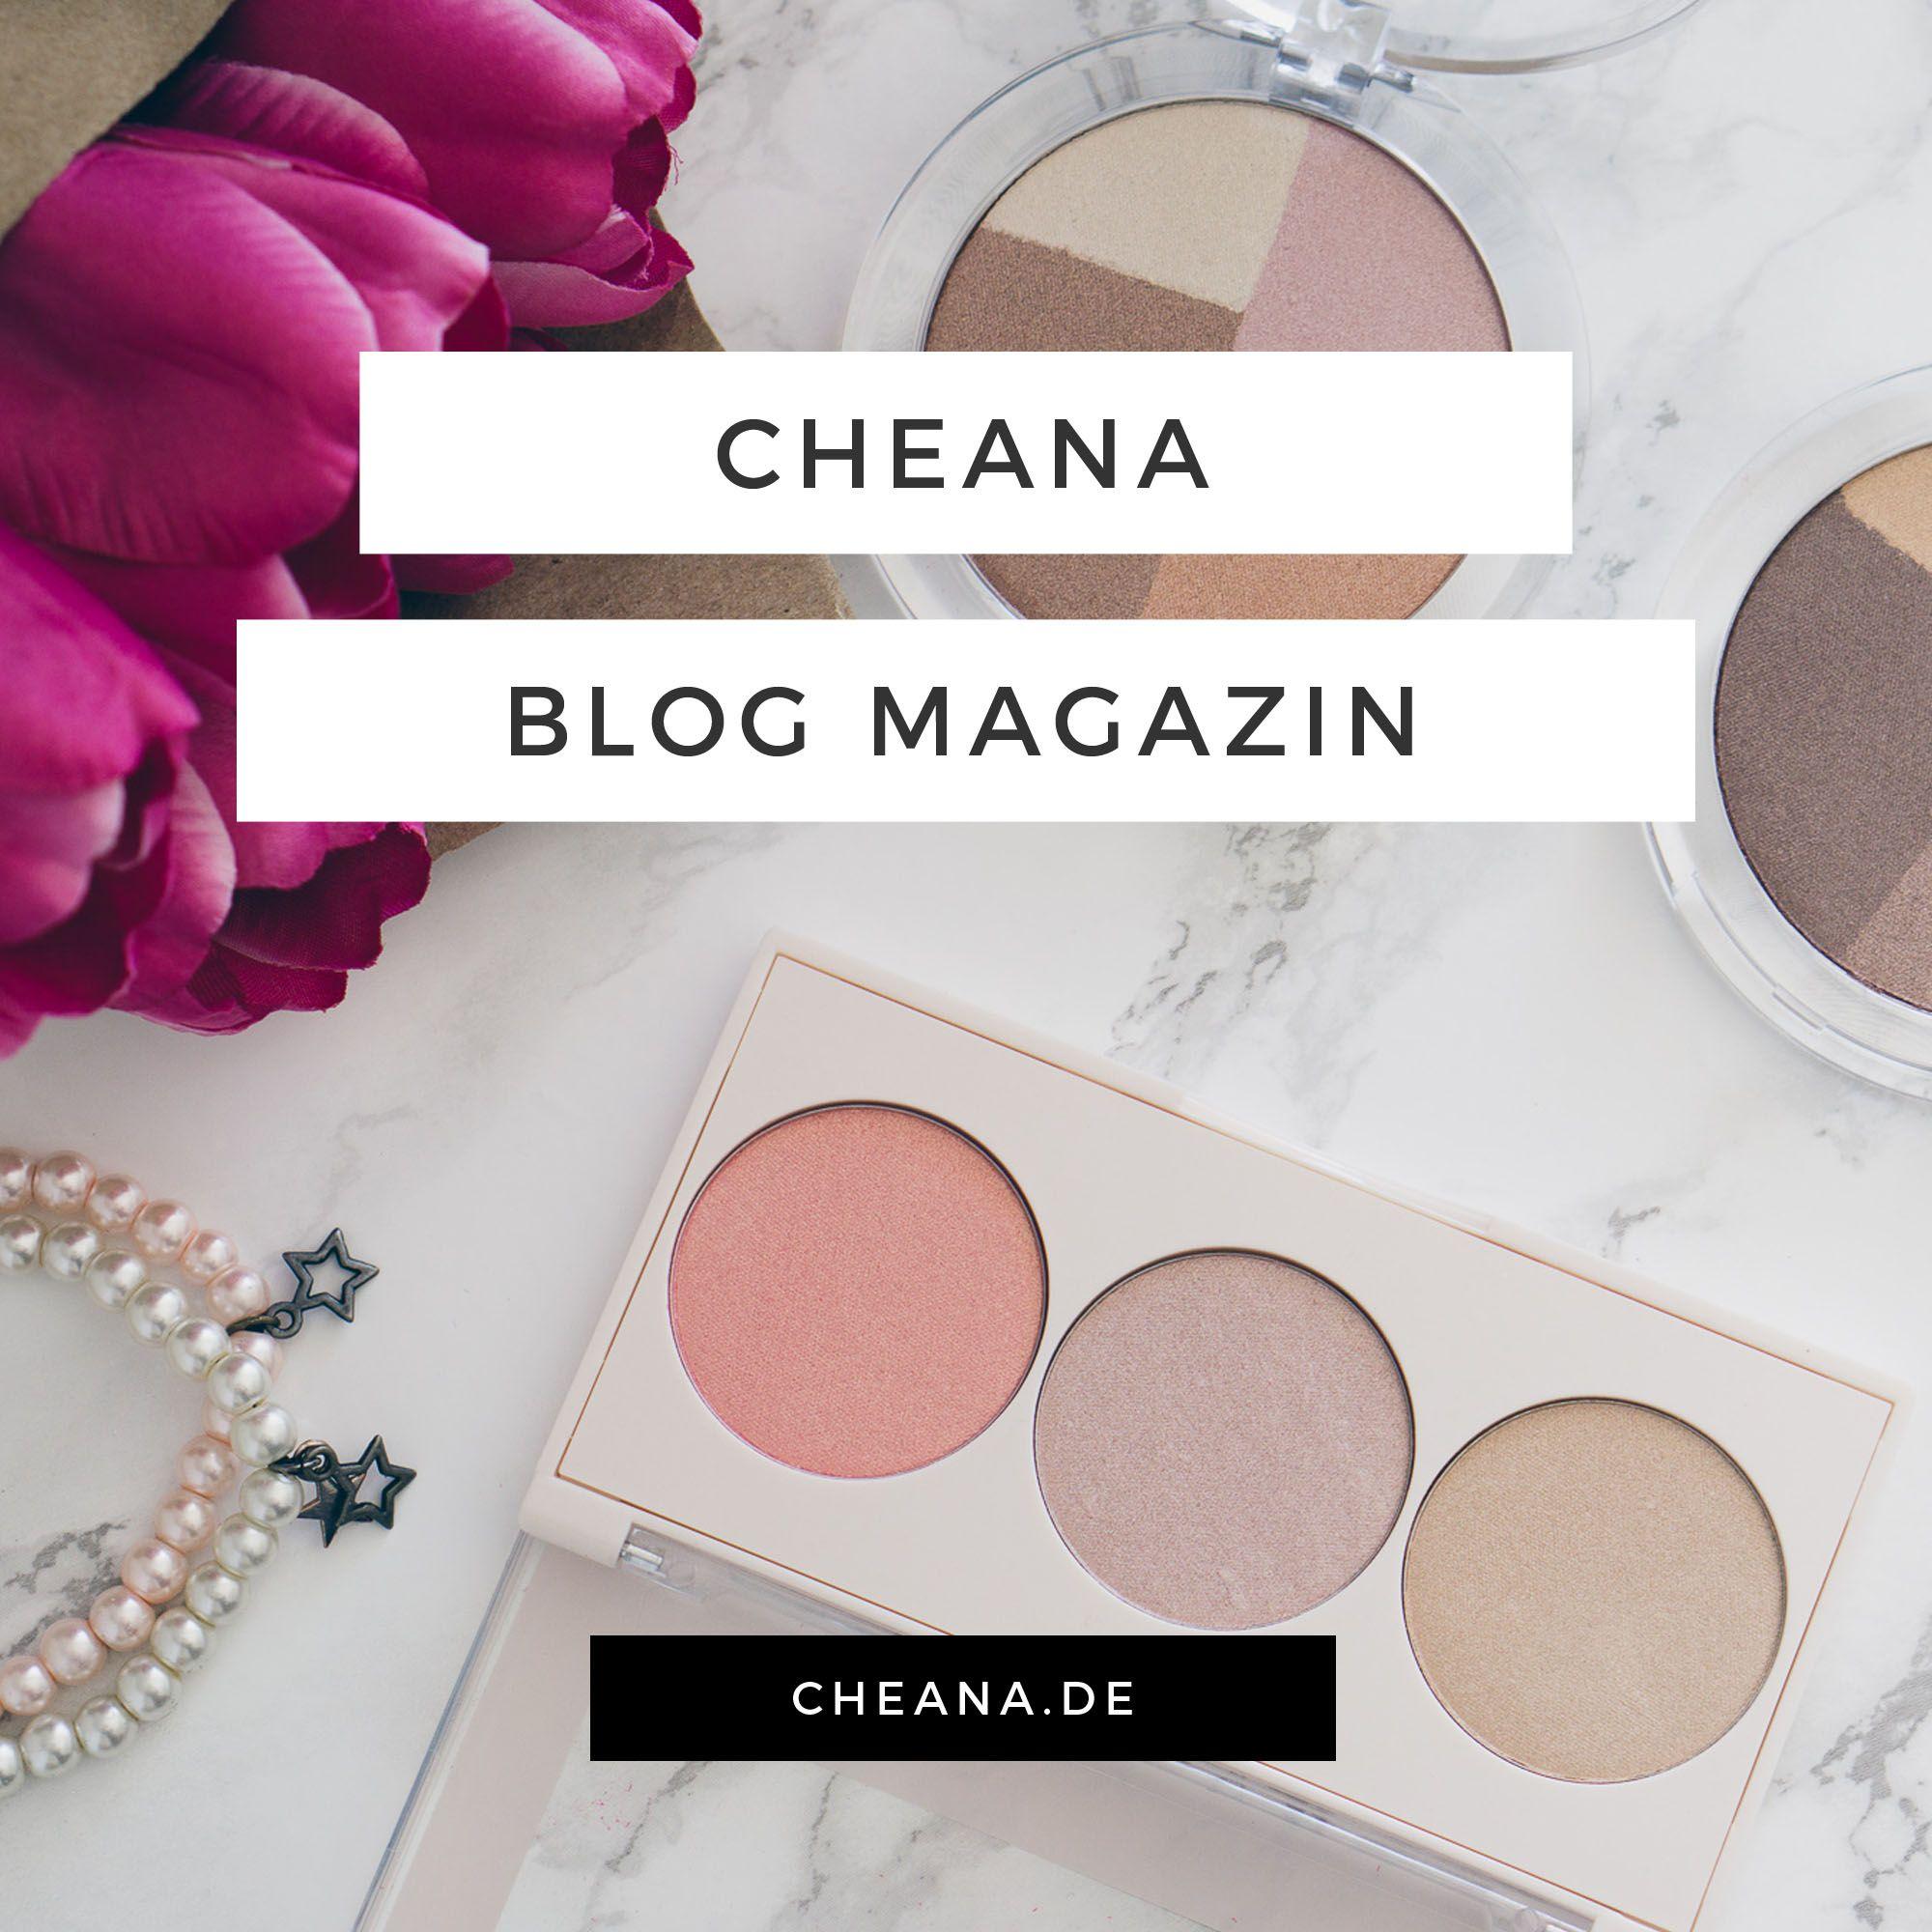 Beiträge von Stefanie Influencer & Blogger auf